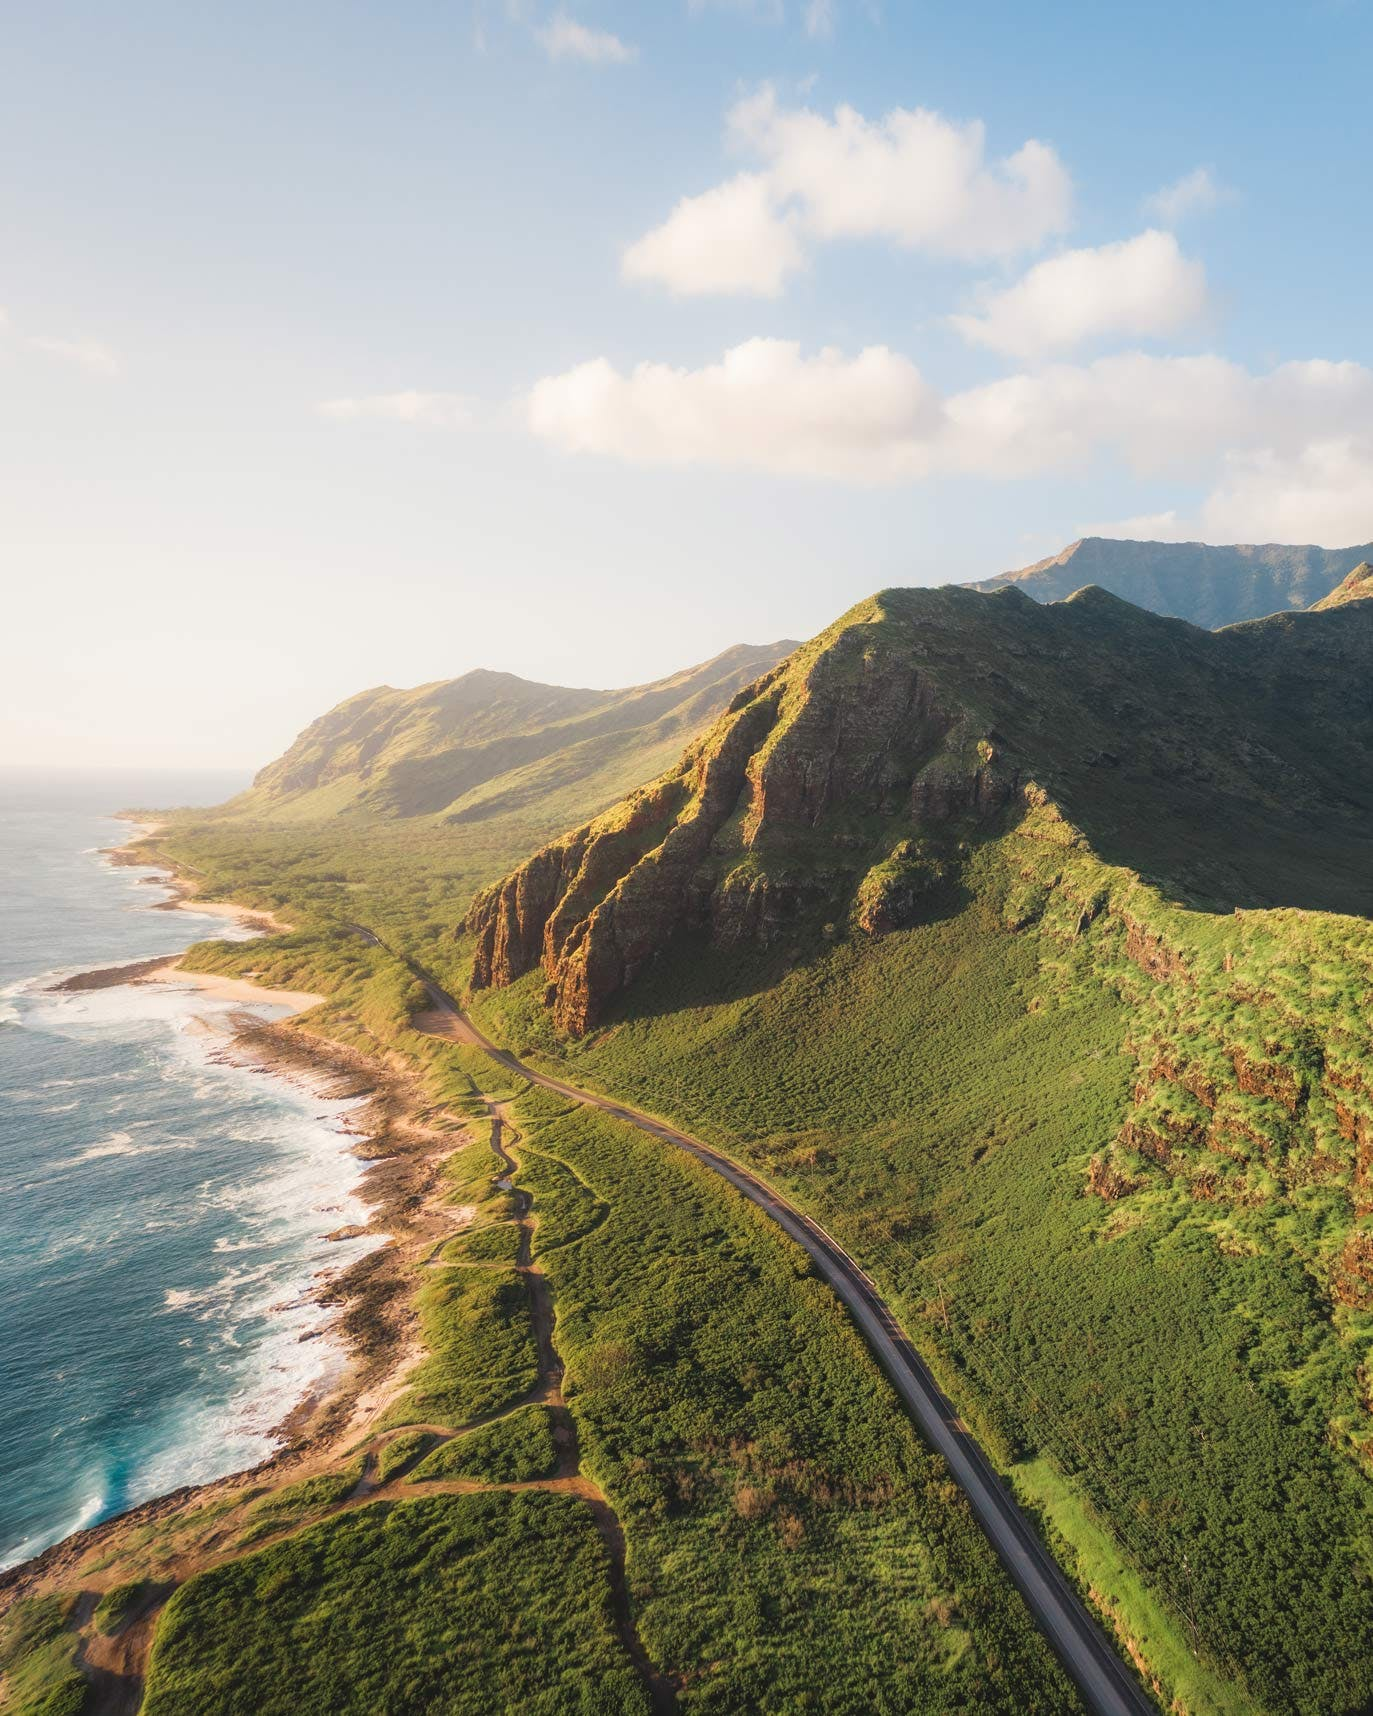 Farrington Highway & Mountains from Mākua Beach Parking Lot